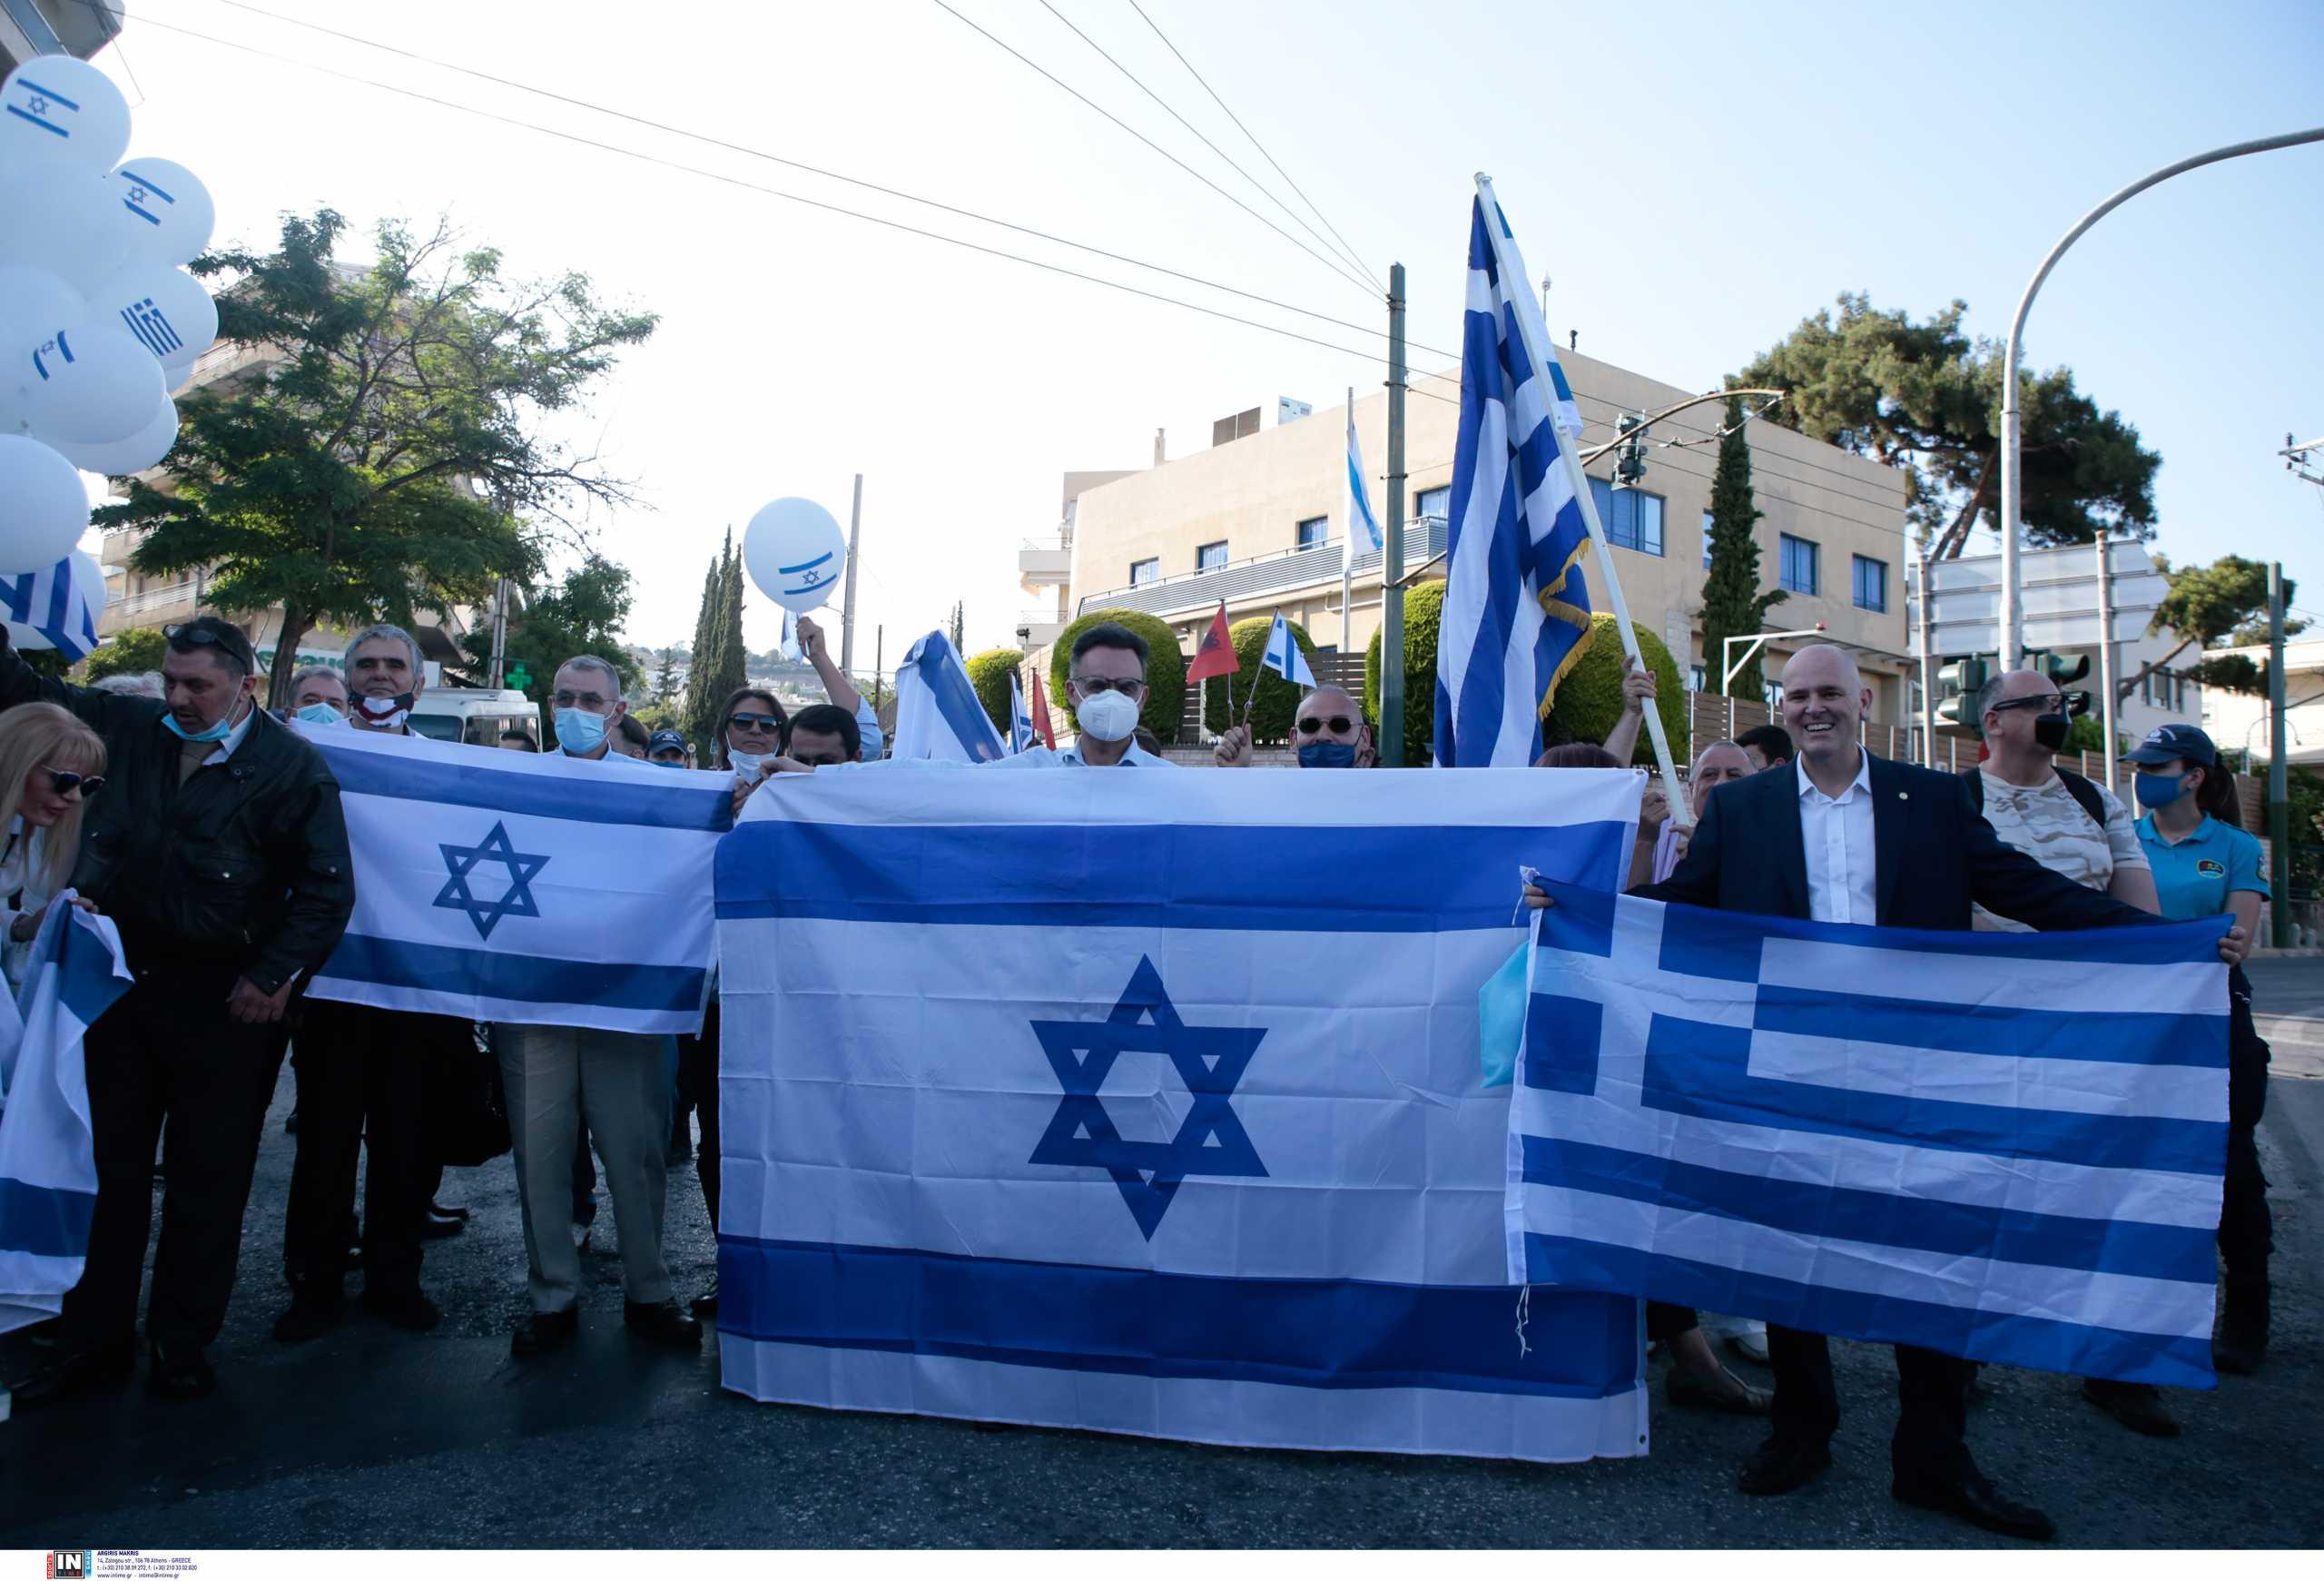 «Οι ελληνο-ισραηλινές σχέσεις θα συνεχίσουν να είναι καλές ανεξάρτητα από το ποιος είναι στην εξουσία στο Ισραήλ»